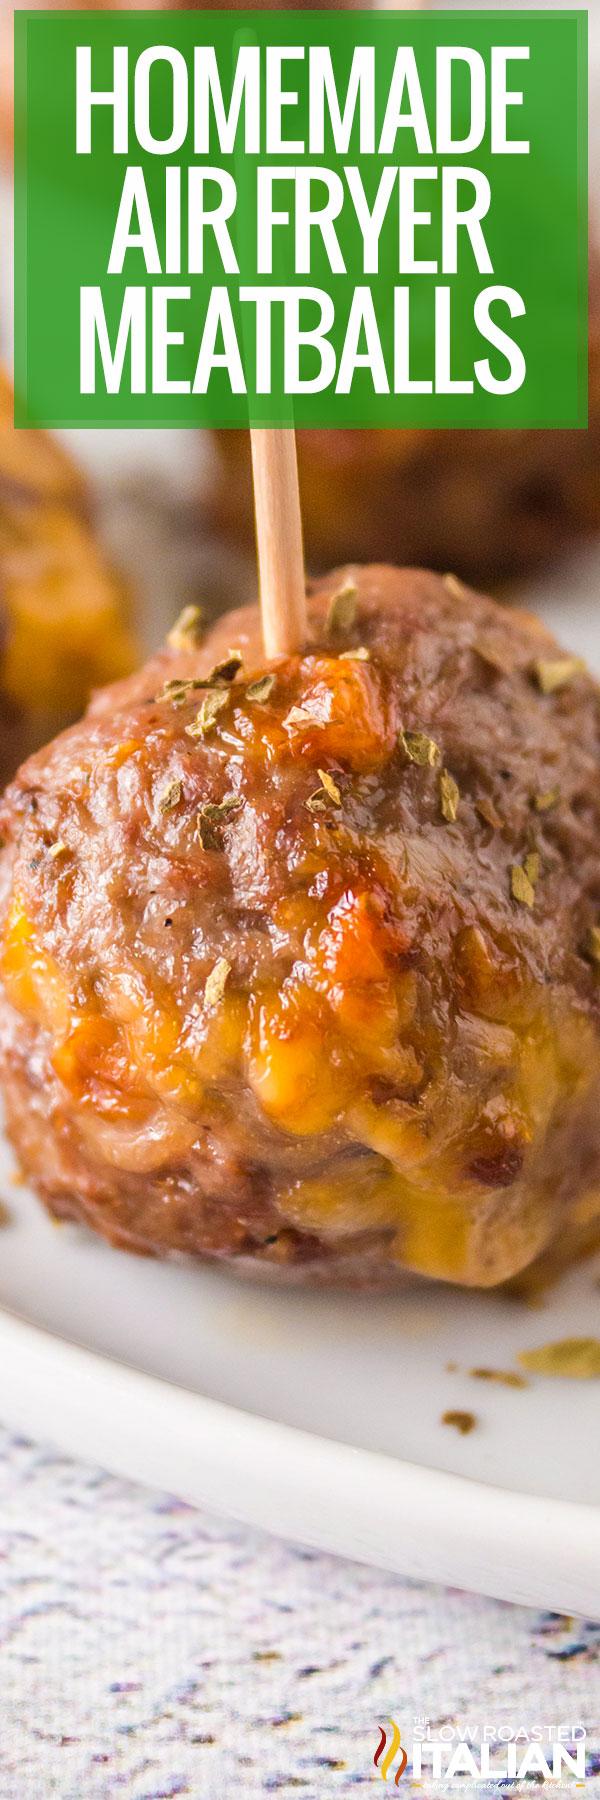 Homemade Air Fryer Meatballs close up